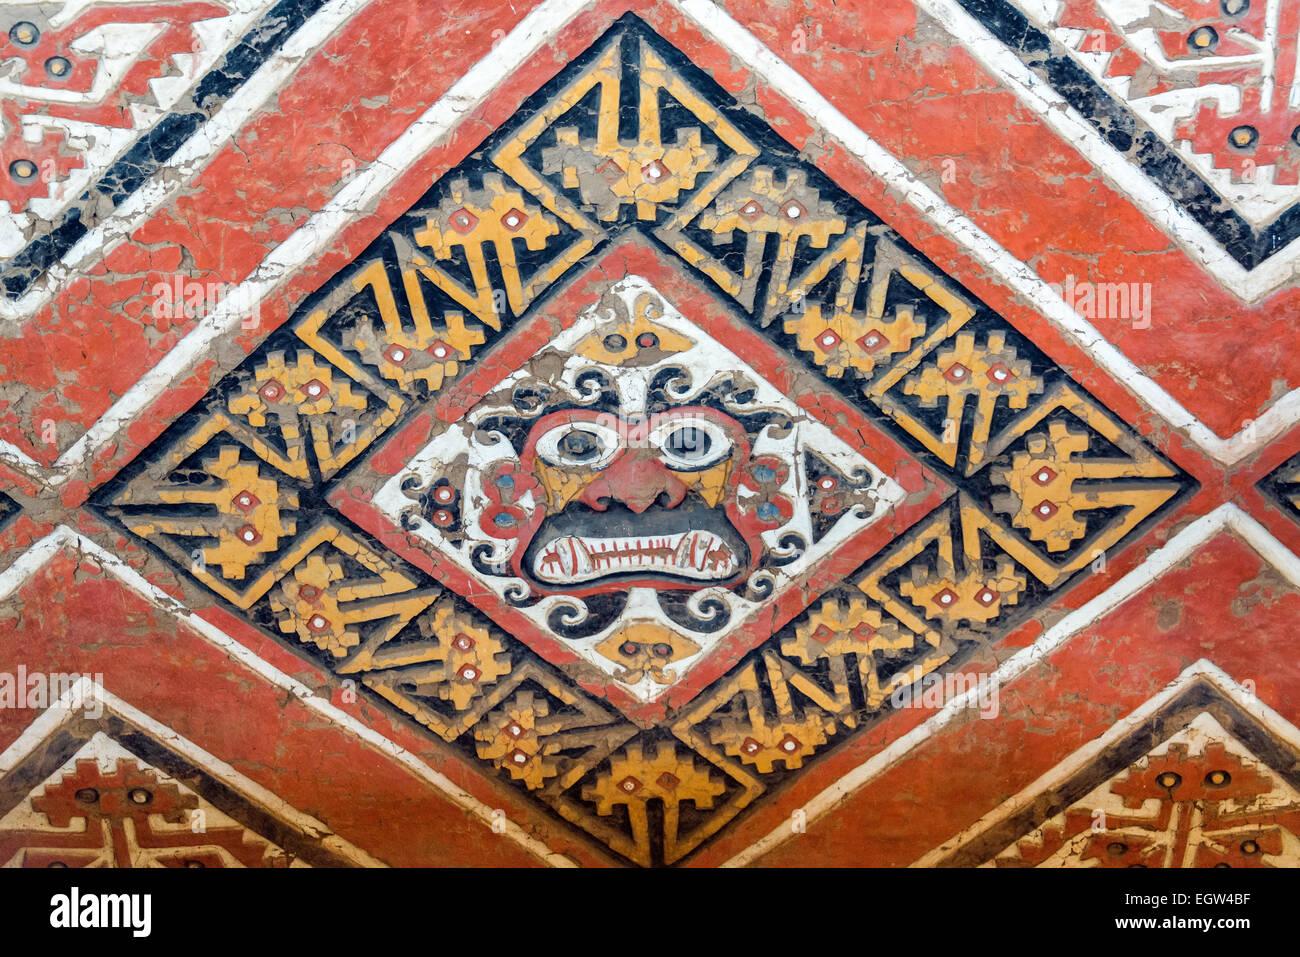 Detalles de un antiguo fresco en Huaca de la Luna en Trujillo, Perú Imagen De Stock